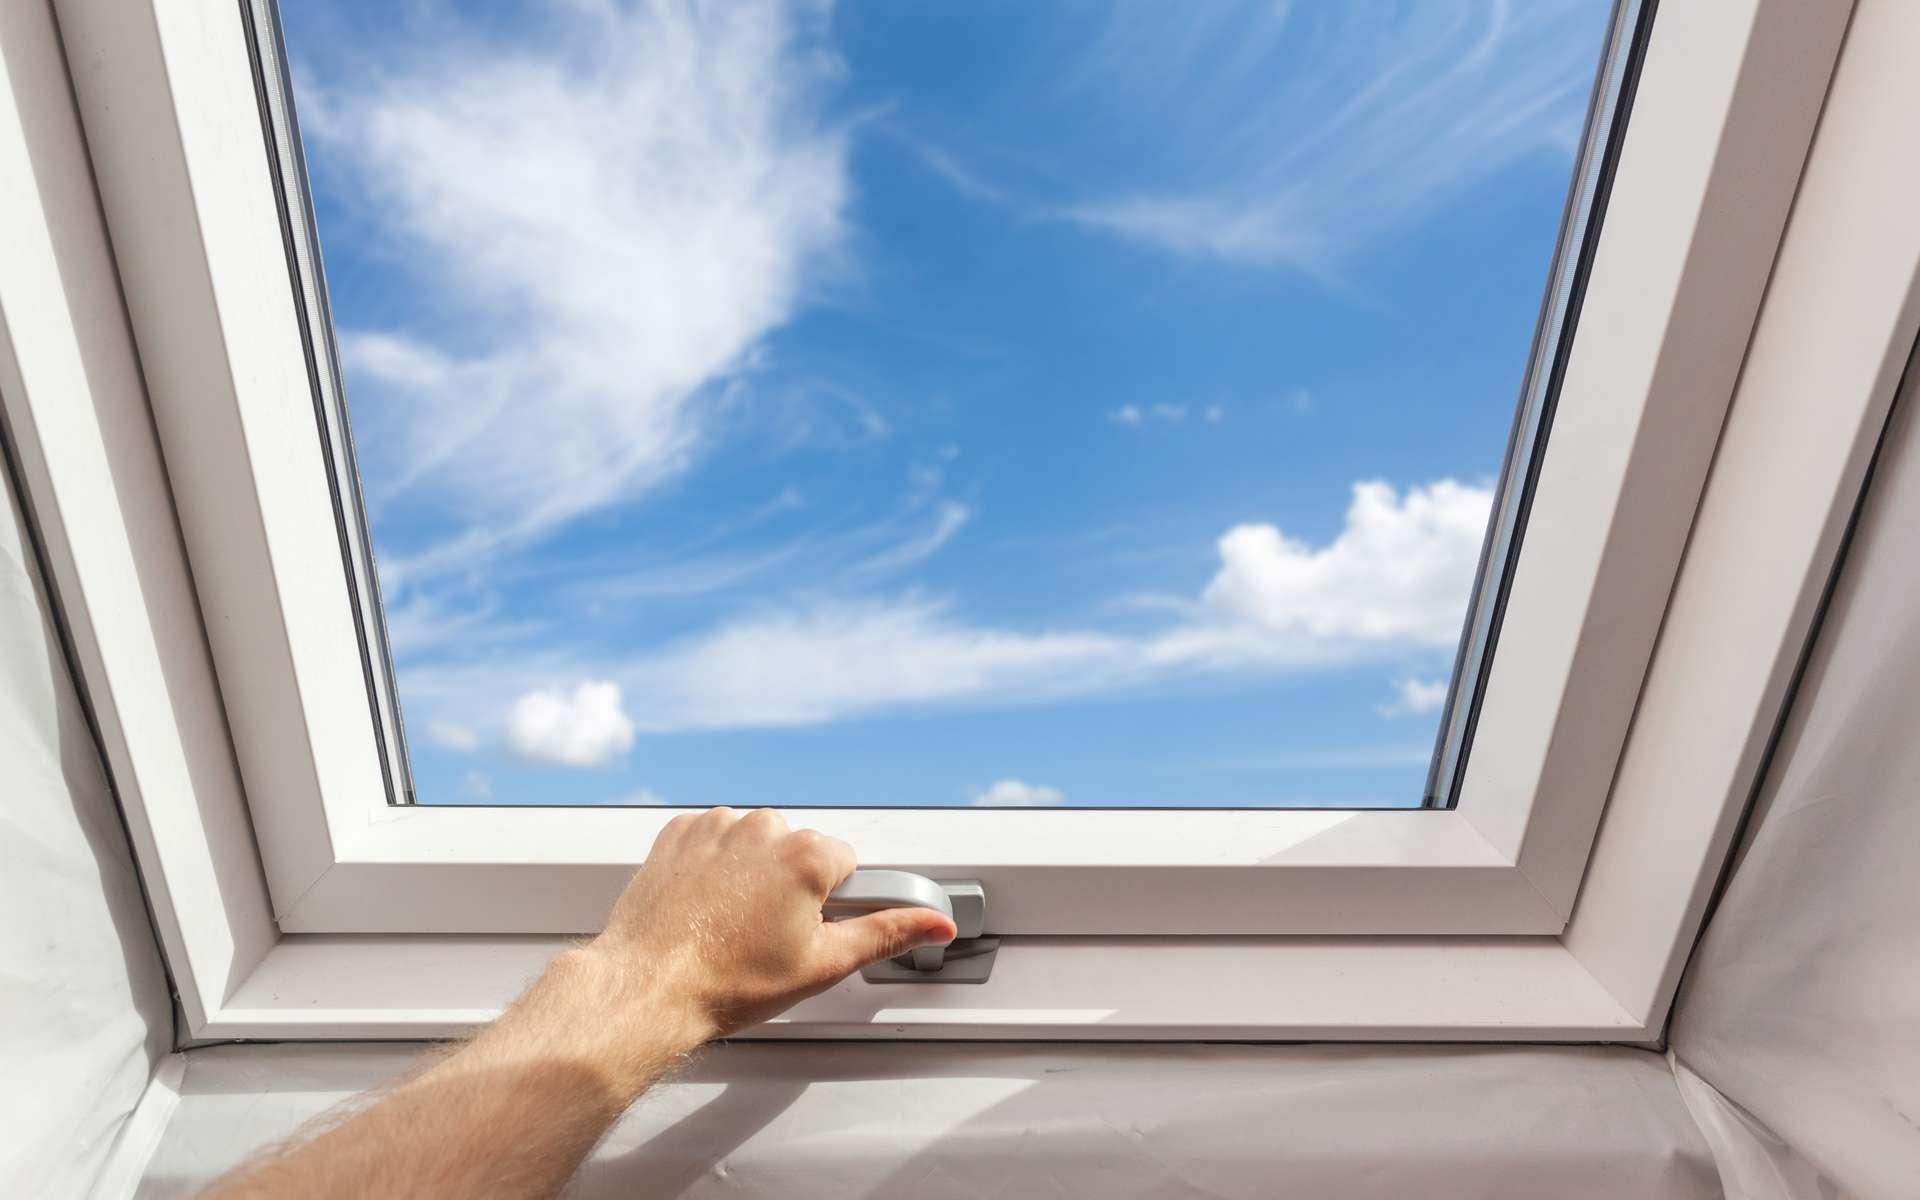 Correctement dimensionnées et positionnées judicieusement dans chaque pan de la toiture, les fenêtres de toit apportent une agréable et indispensable lumière naturelle dans les combles aménagés. © brizmaker, Adobe Stock